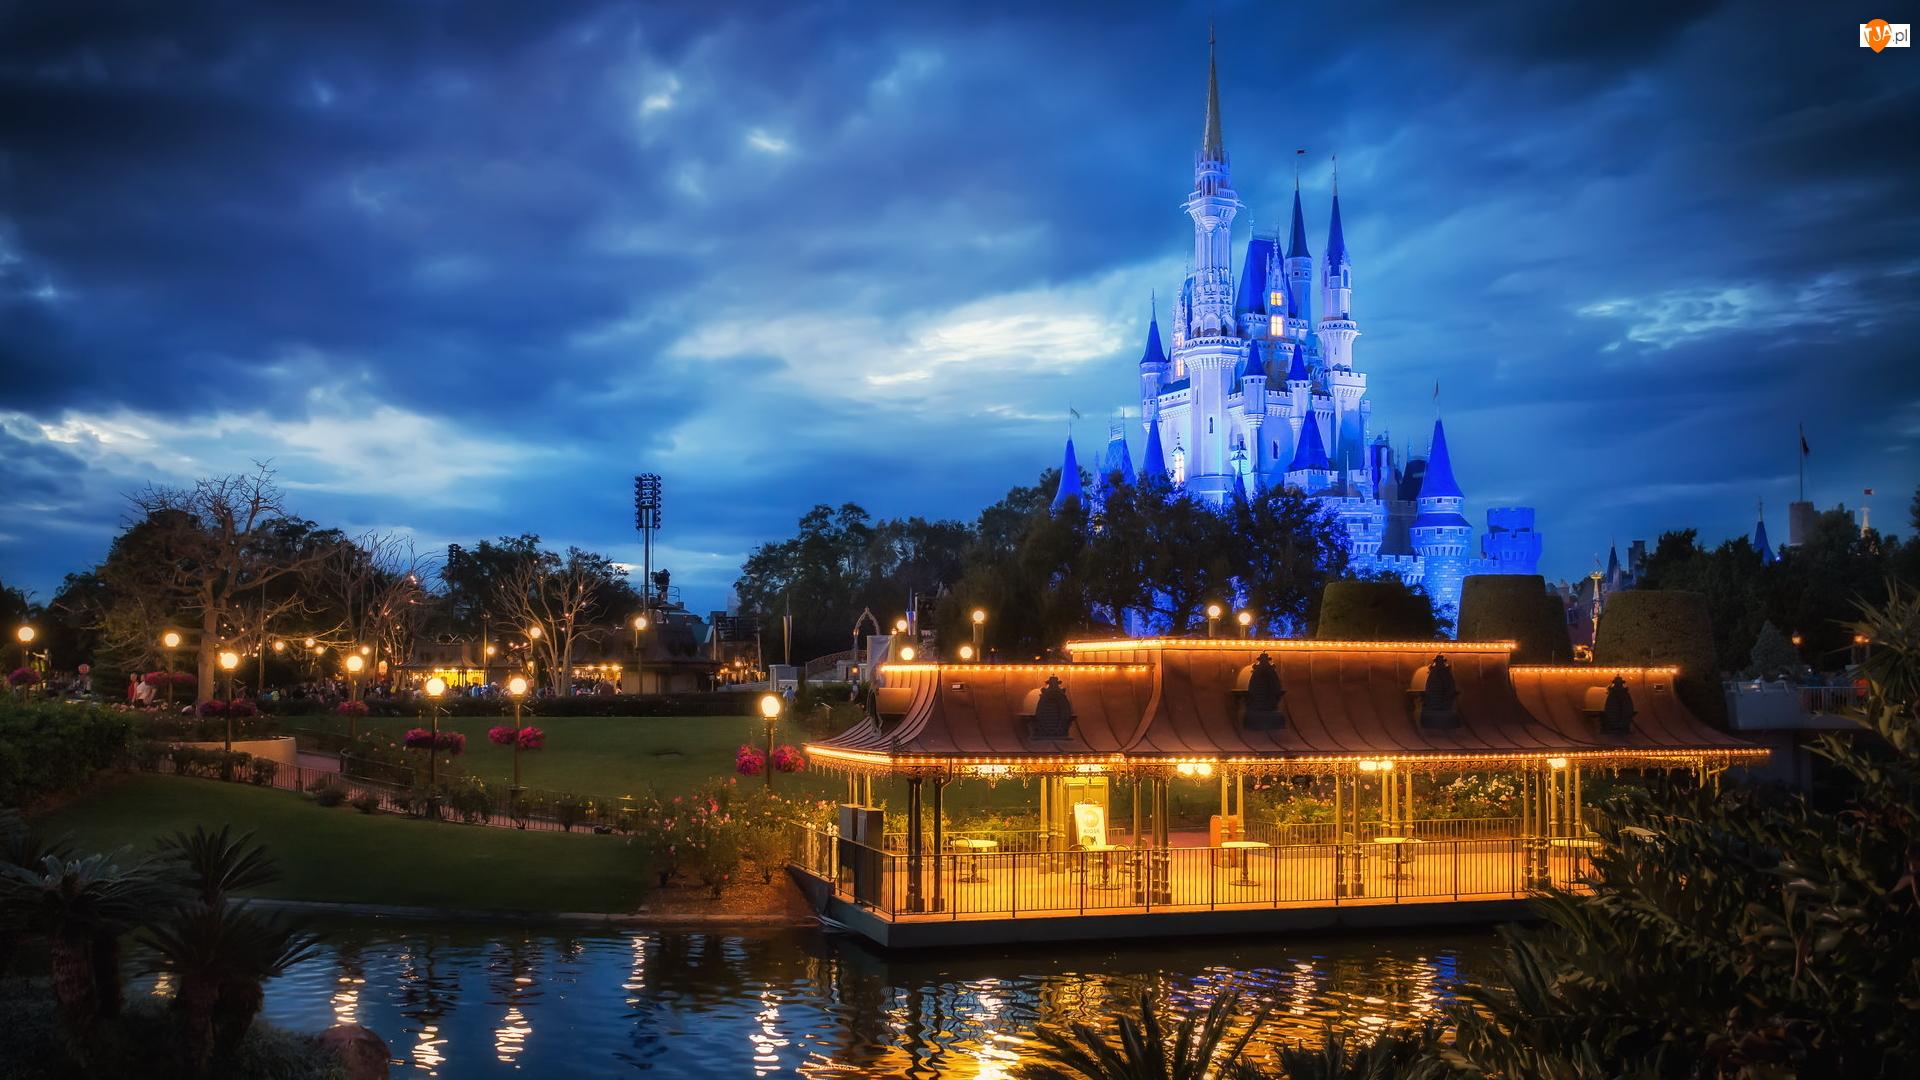 Magic Kingdom, Disneyland, Stany Zjednoczone, Park rozrywki, Floryda, Orlando, Zamek